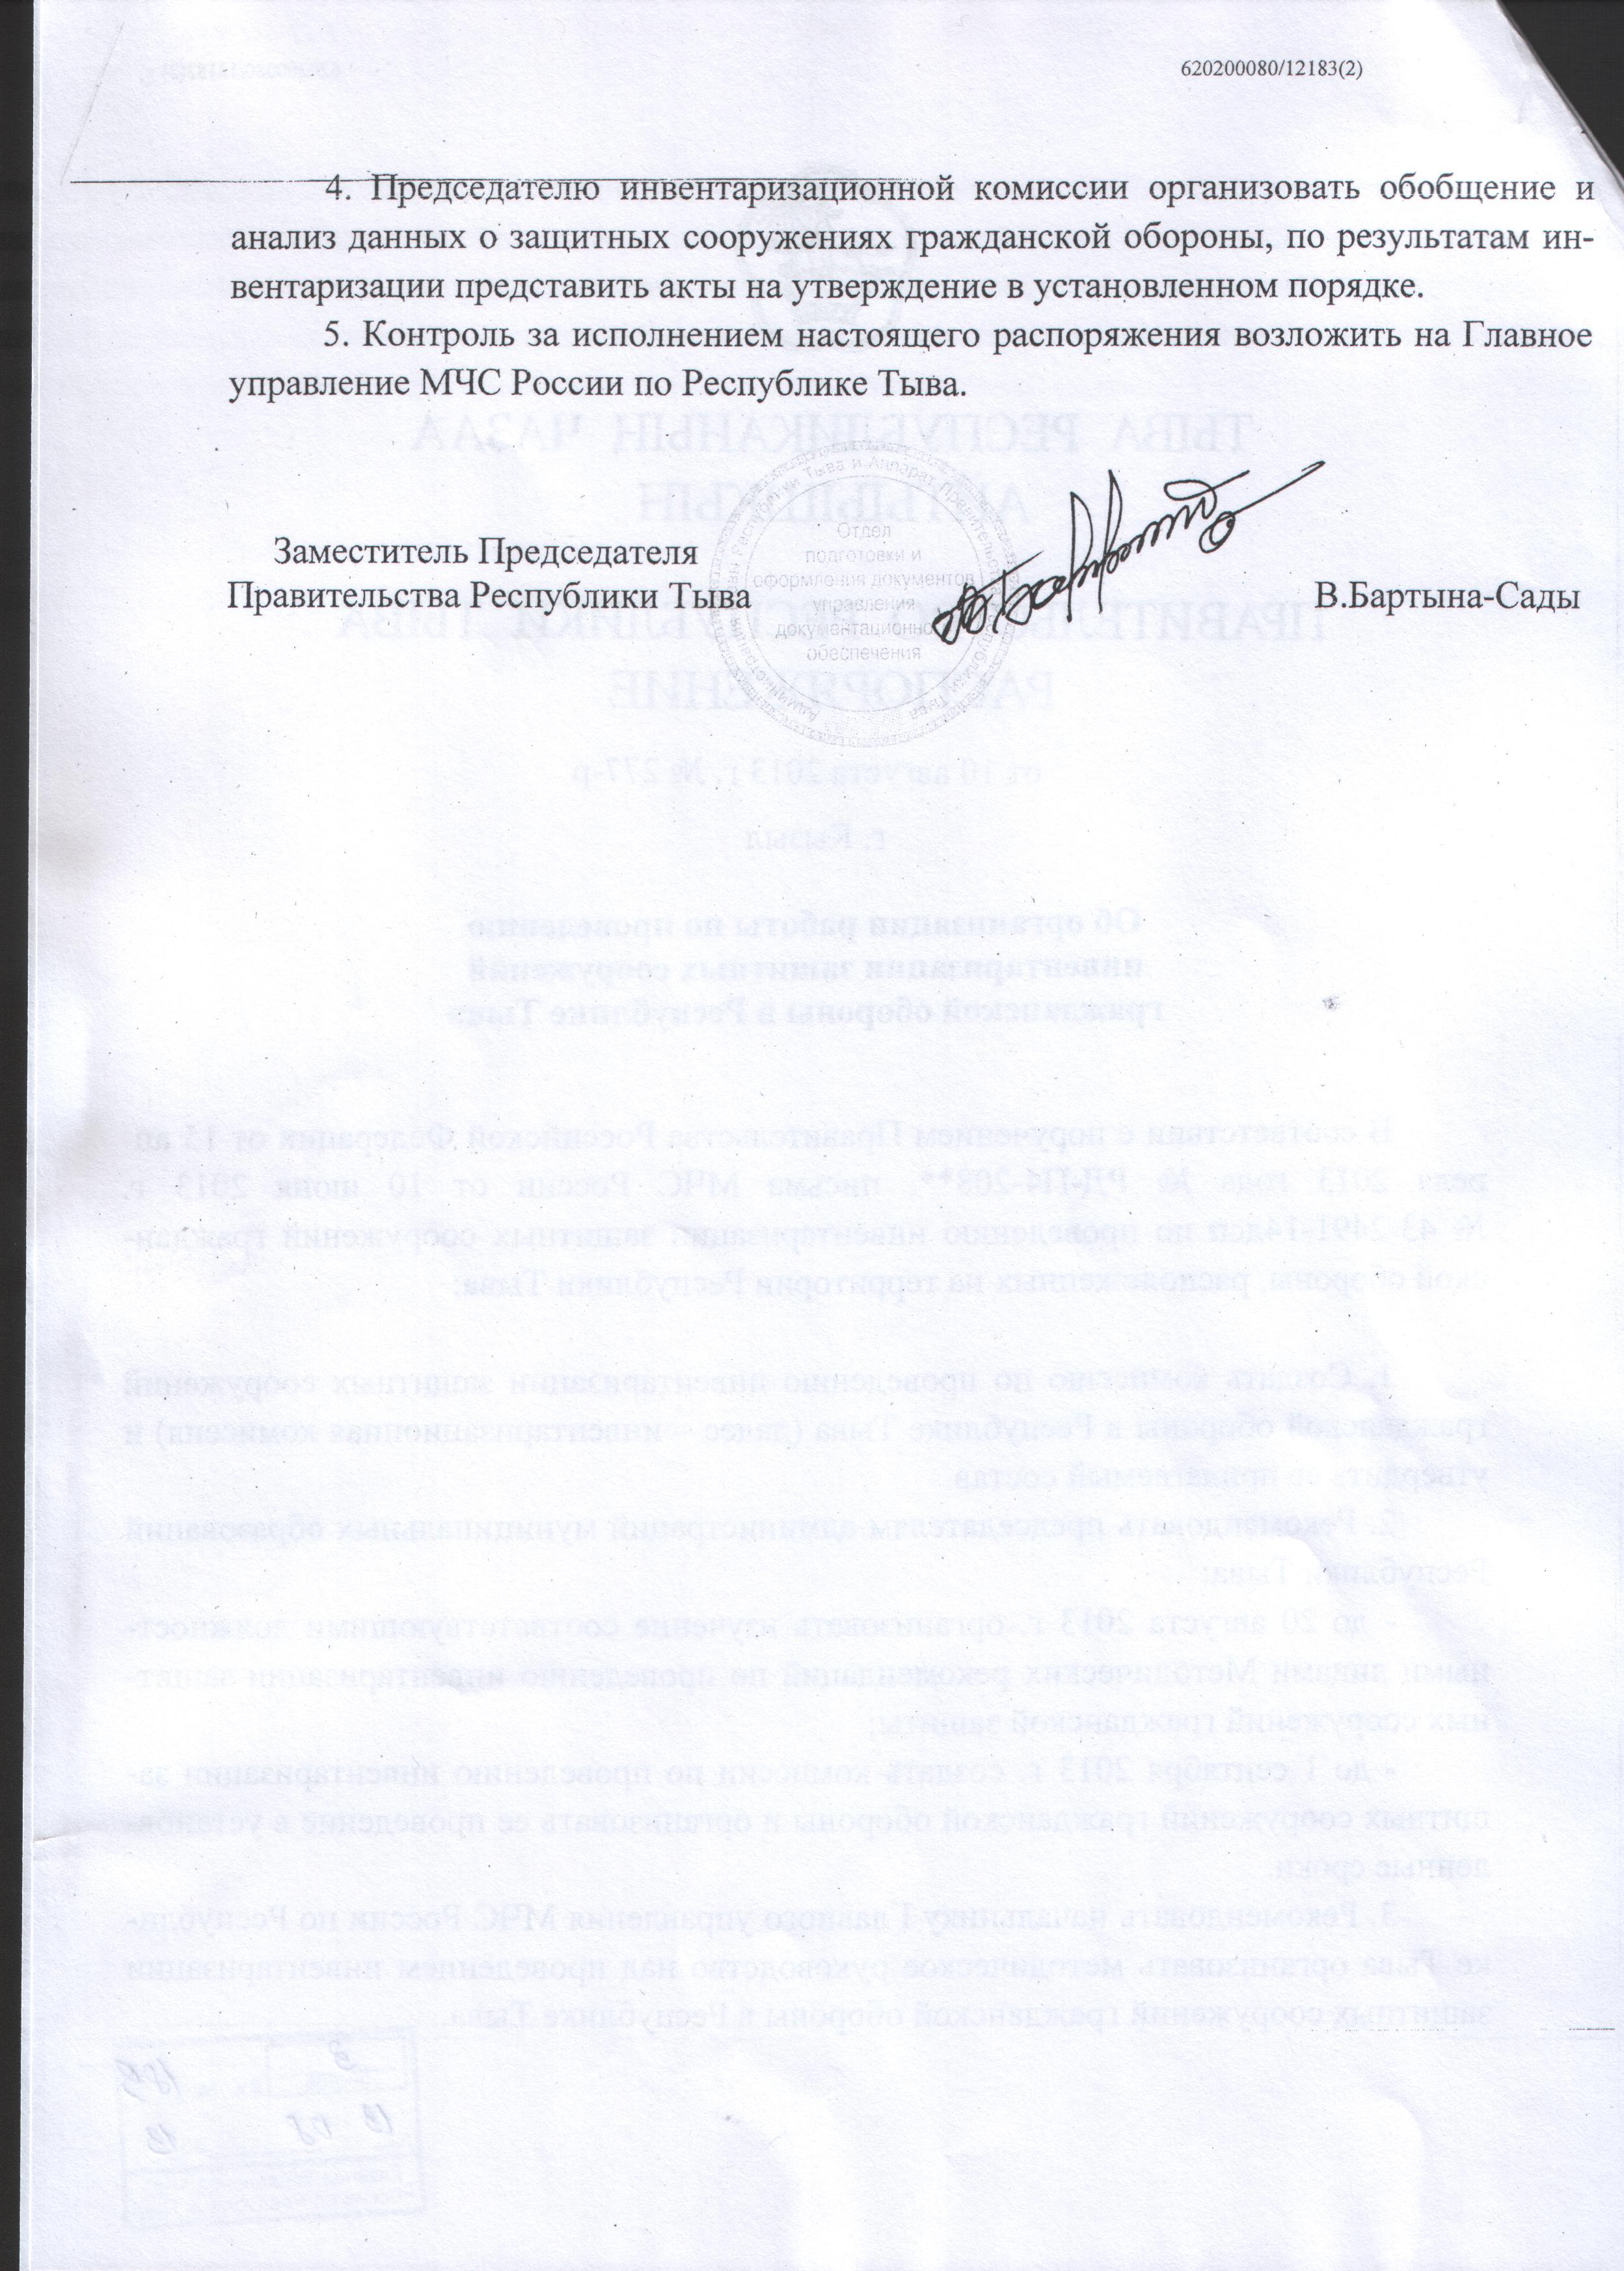 1. Распорядительные документы